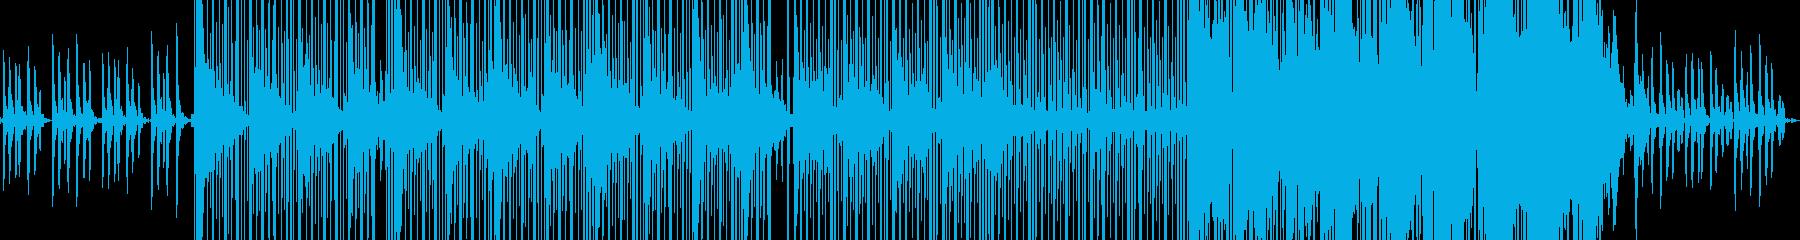 ピアノのスローヒップホップの再生済みの波形